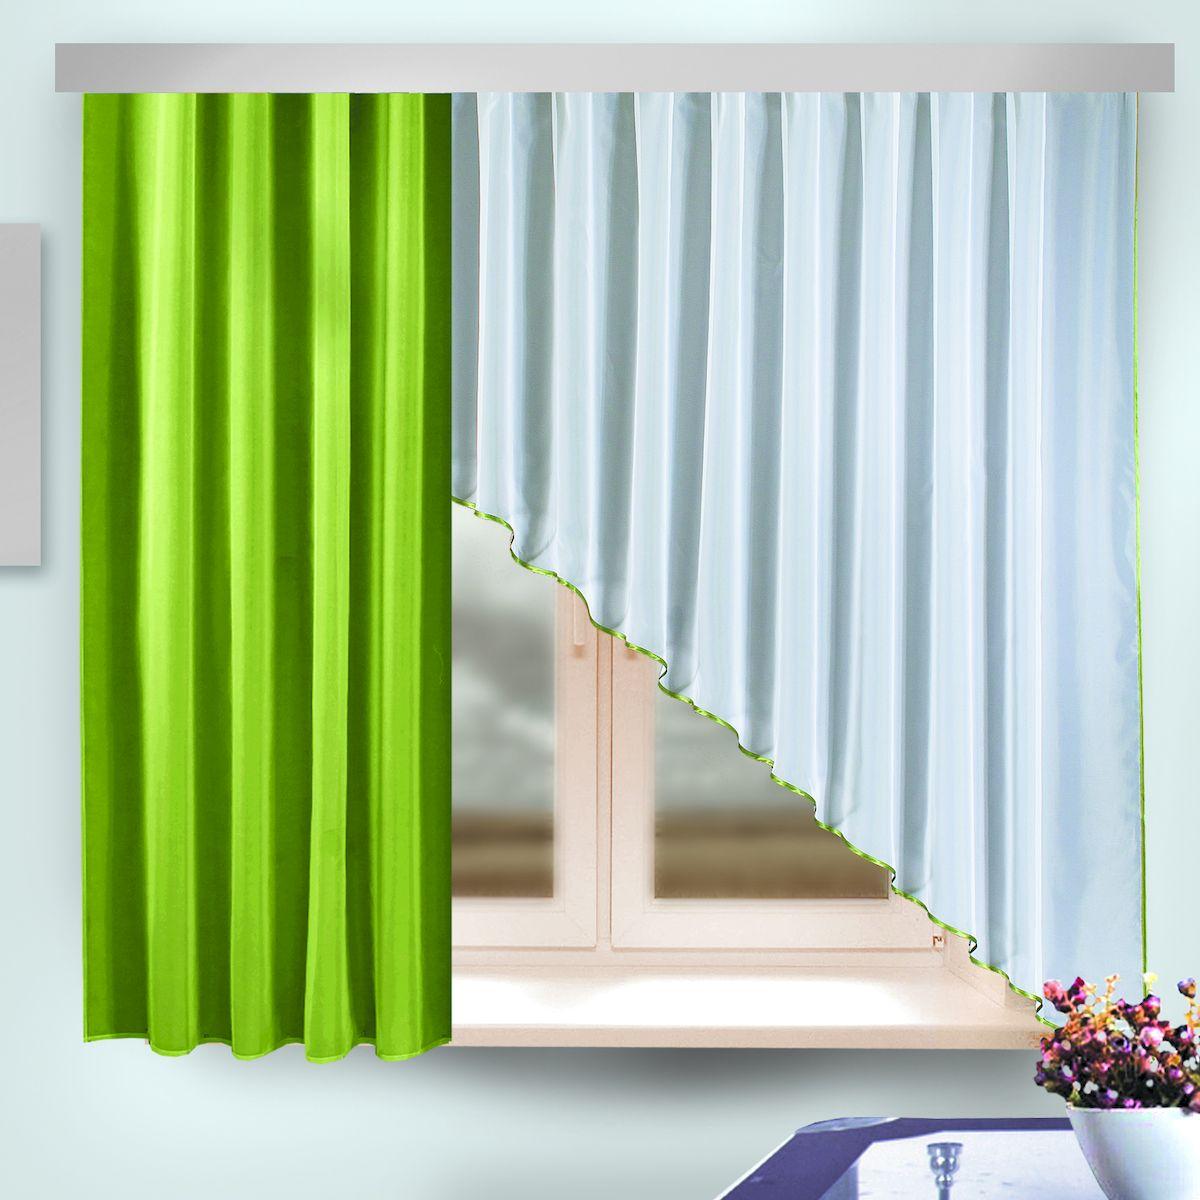 Комплект штор Zlata Korunka, на ленте, цвет: зеленый, белый, высота 170 см. 333314333314Комплект штор Zlata Korunka, выполненный из полиэстера, великолепно украсит любое окно. Комплект состоит из шторы и ламбрекена. Изящная форма и приятная цветовая гамма привлекут к себе внимание и органично впишутся в интерьер помещения. Этот комплект будет долгое время радовать вас и вашу семью! Комплект крепится на карниз при помощи ленты, которая поможет красиво и равномерно задрапировать верх. В комплект входит: Ламбрекен: 1 шт. Размер (Ш х В): 95 см х 170 см. Штора: 1 шт. Размер (Ш х В): 290 см х 170 см.